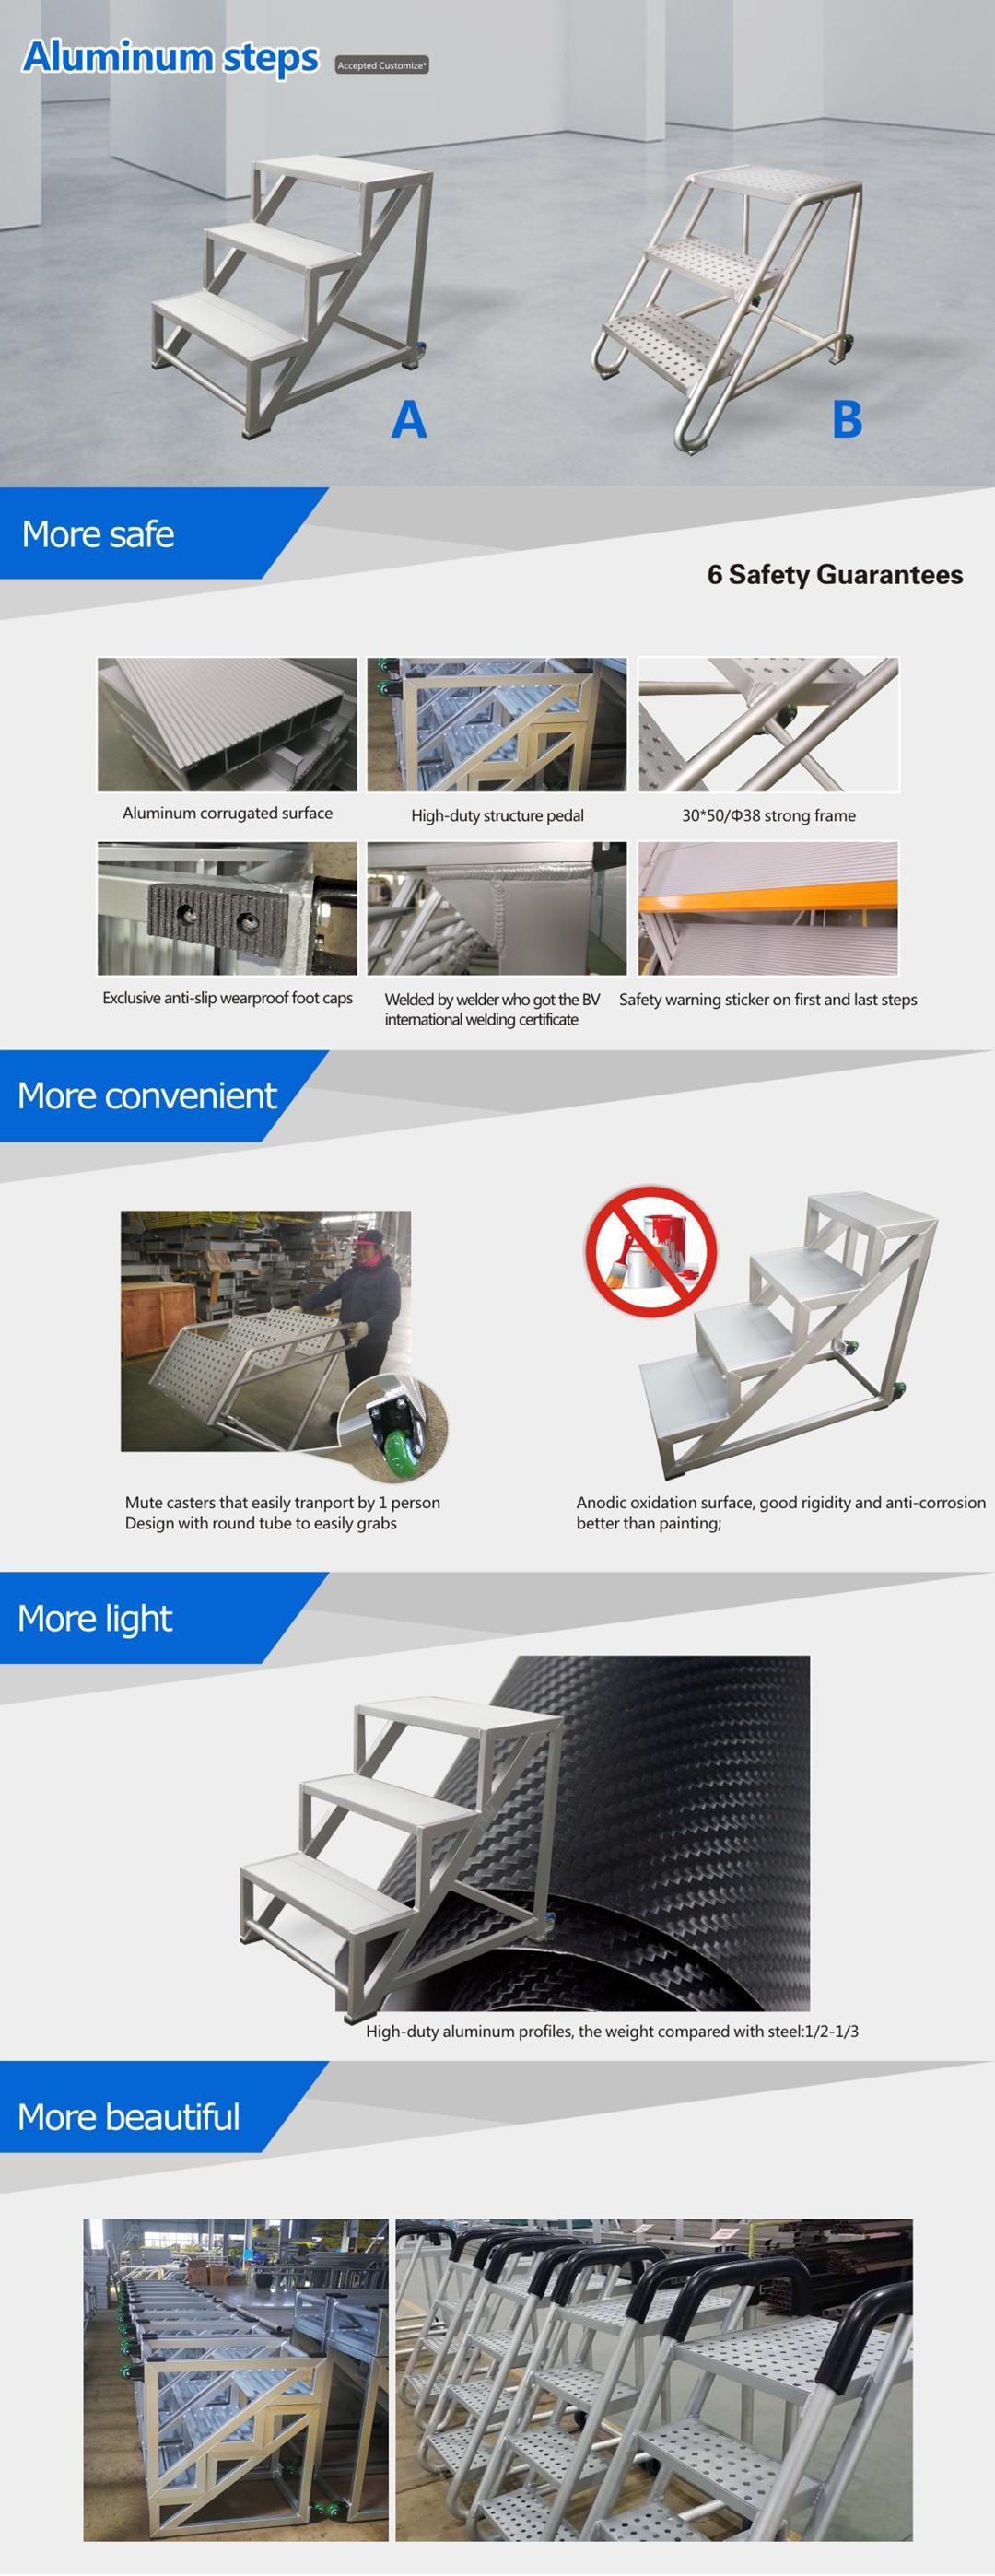 aluminium mobile steps